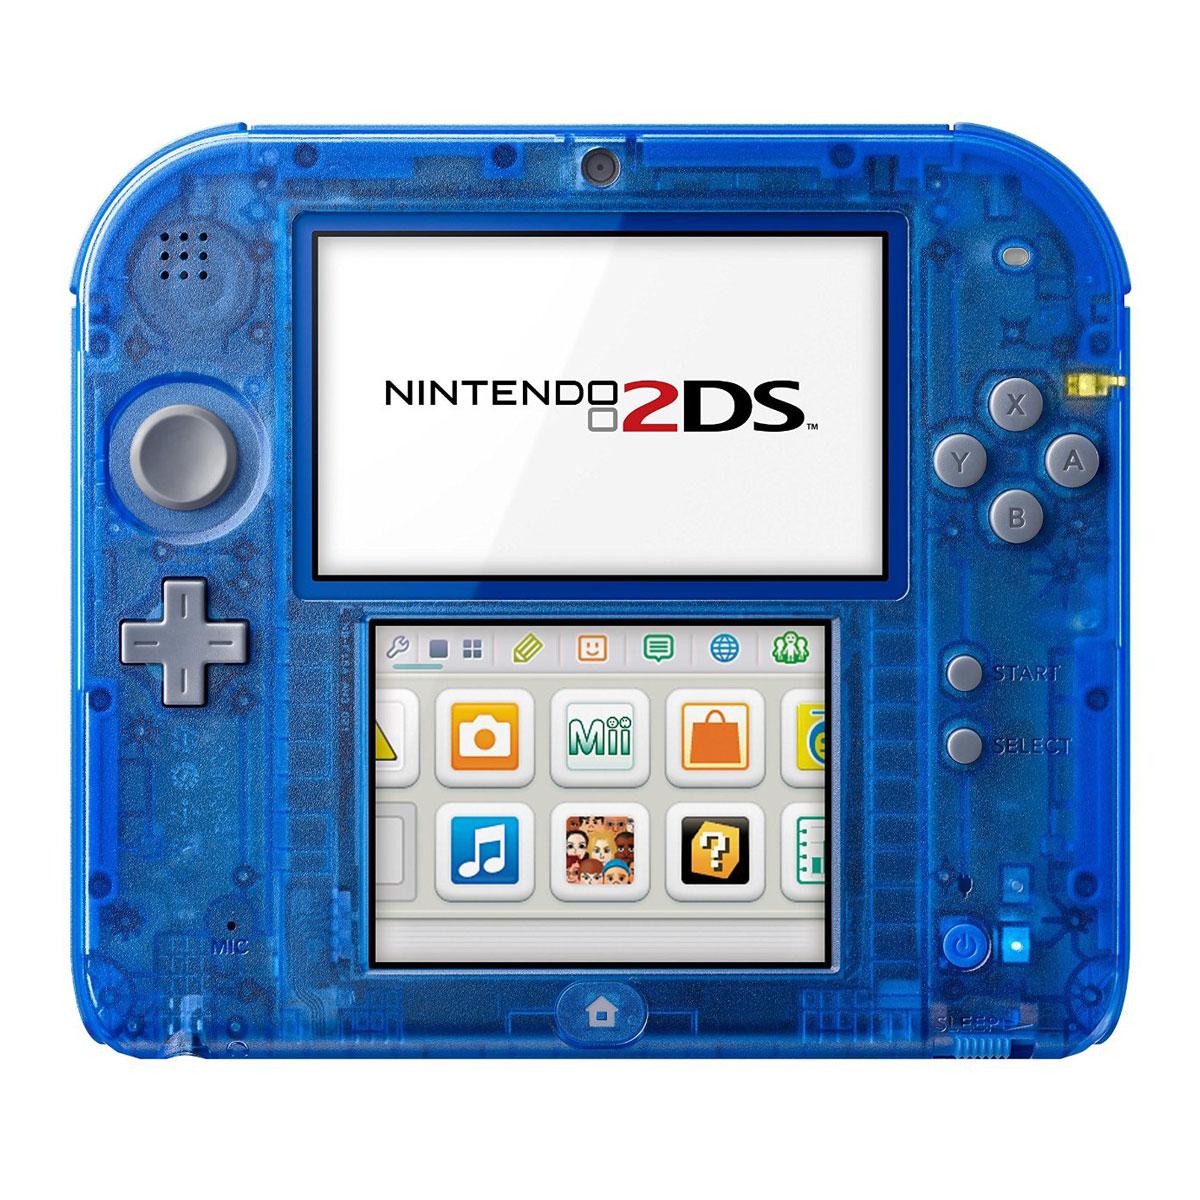 Nintendo 2ds bleu transparent console nintendo 3ds nintendo sur ldlc - Console 3ds xl blanche avec mario kart 7 ...